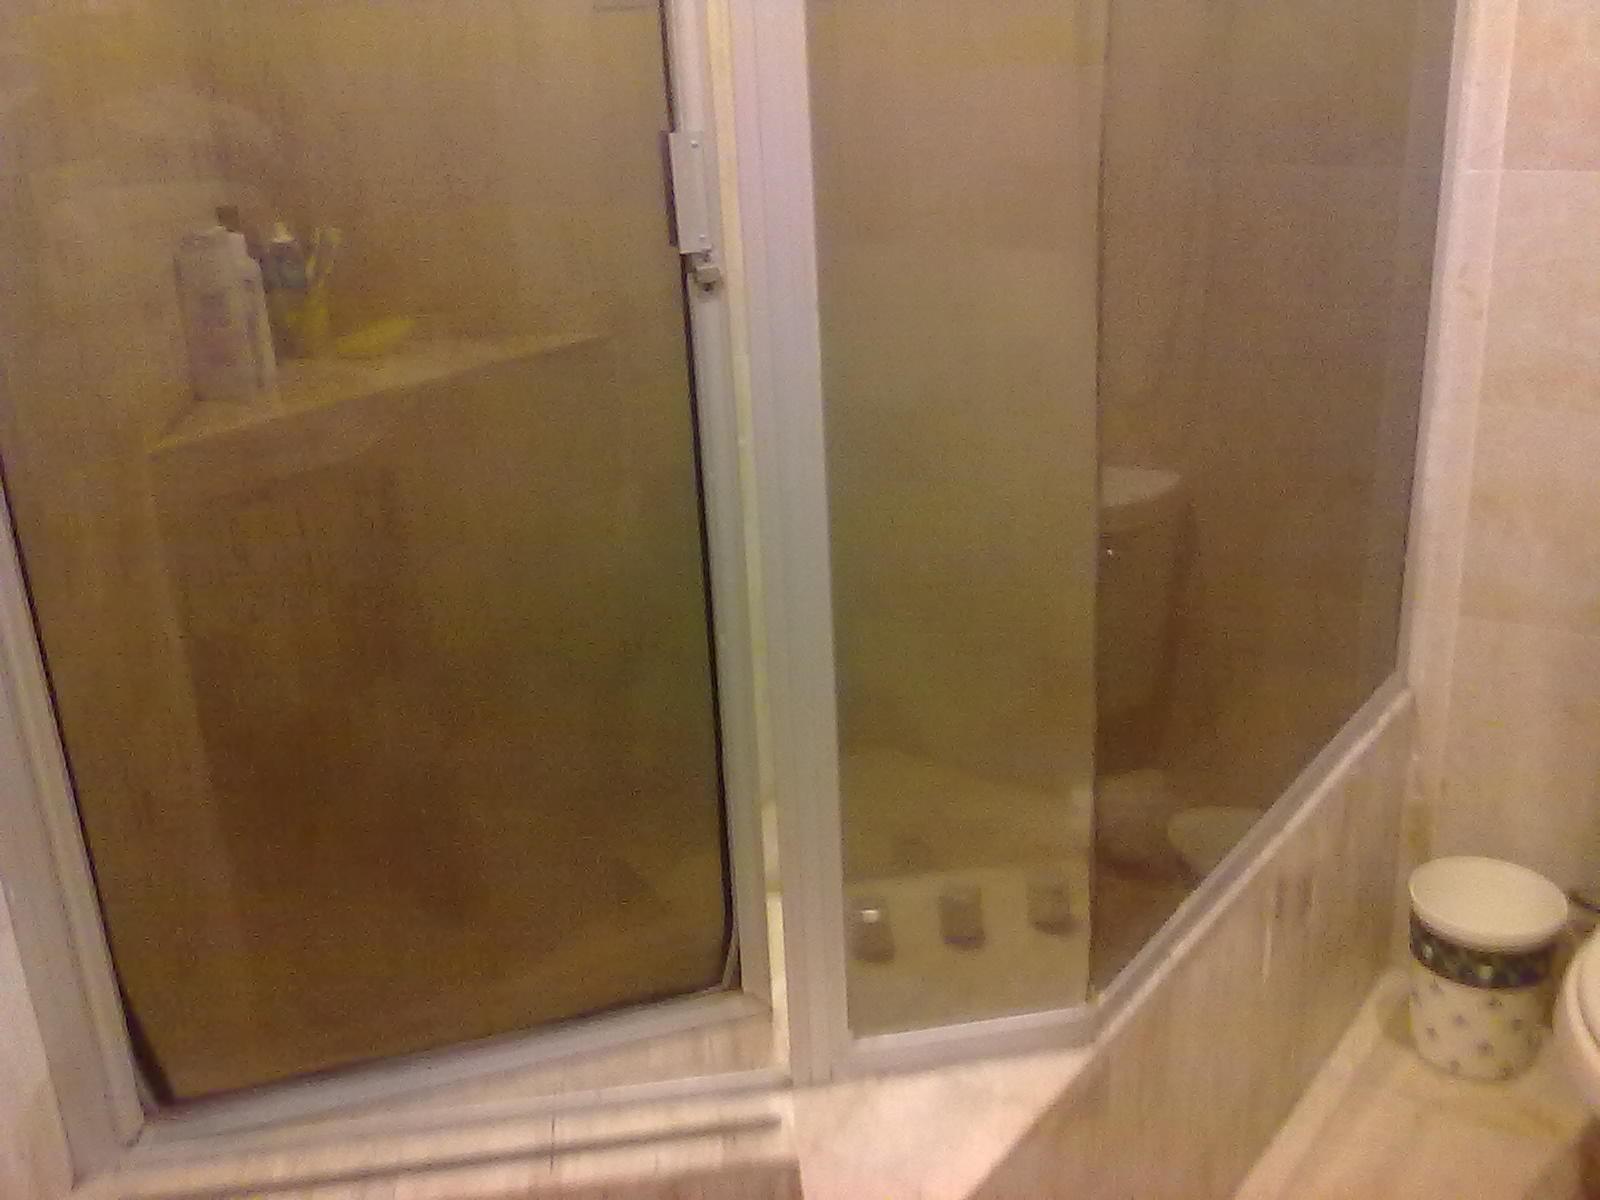 Imagenes De Puertas Para Baño De Aluminio:Cancel de baño aluminio natural con puerta abatible con pasadores y